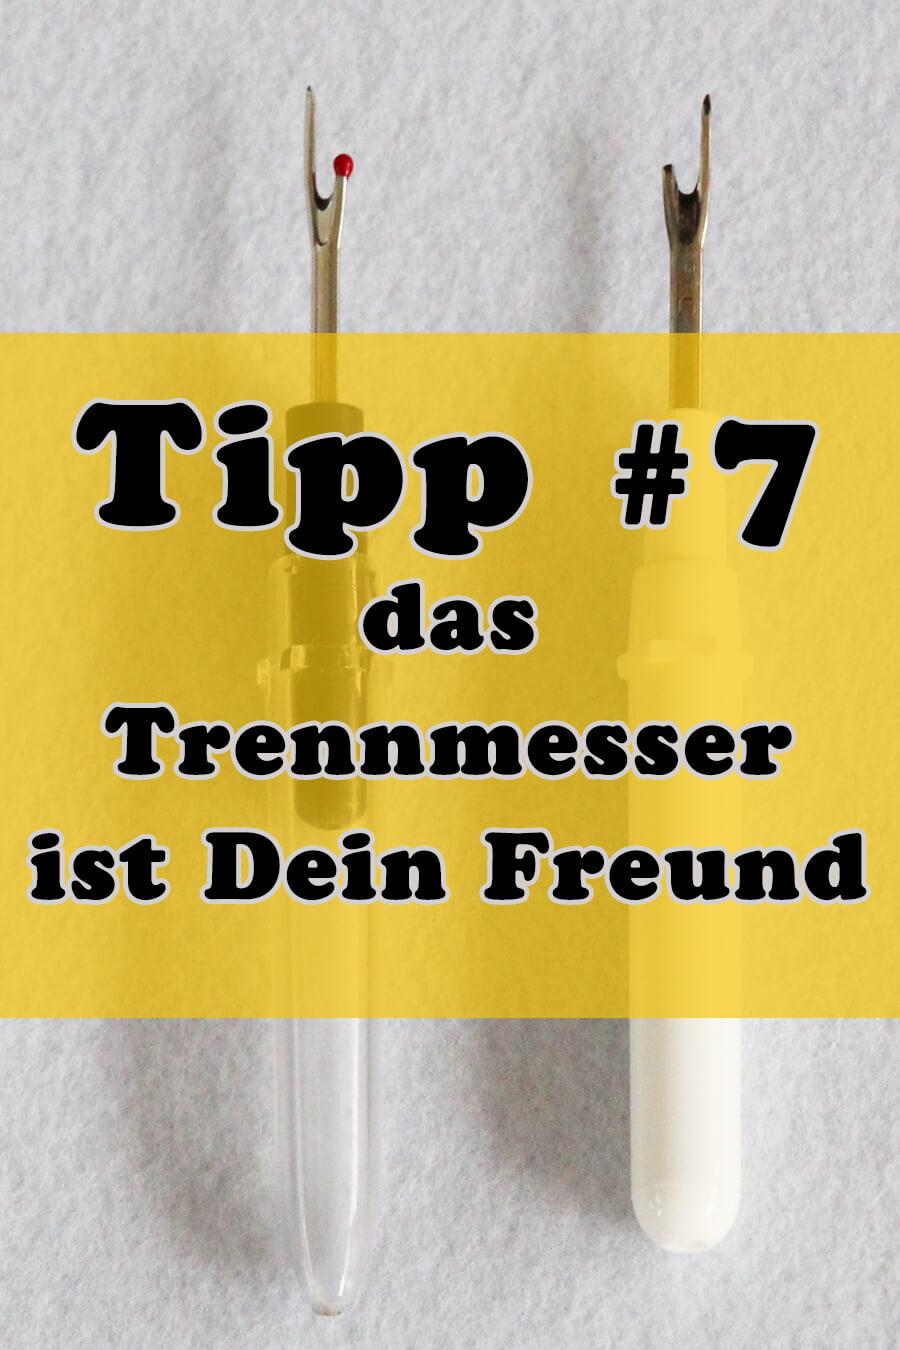 Tipp 7 das Trennmesser ist Dein Freund